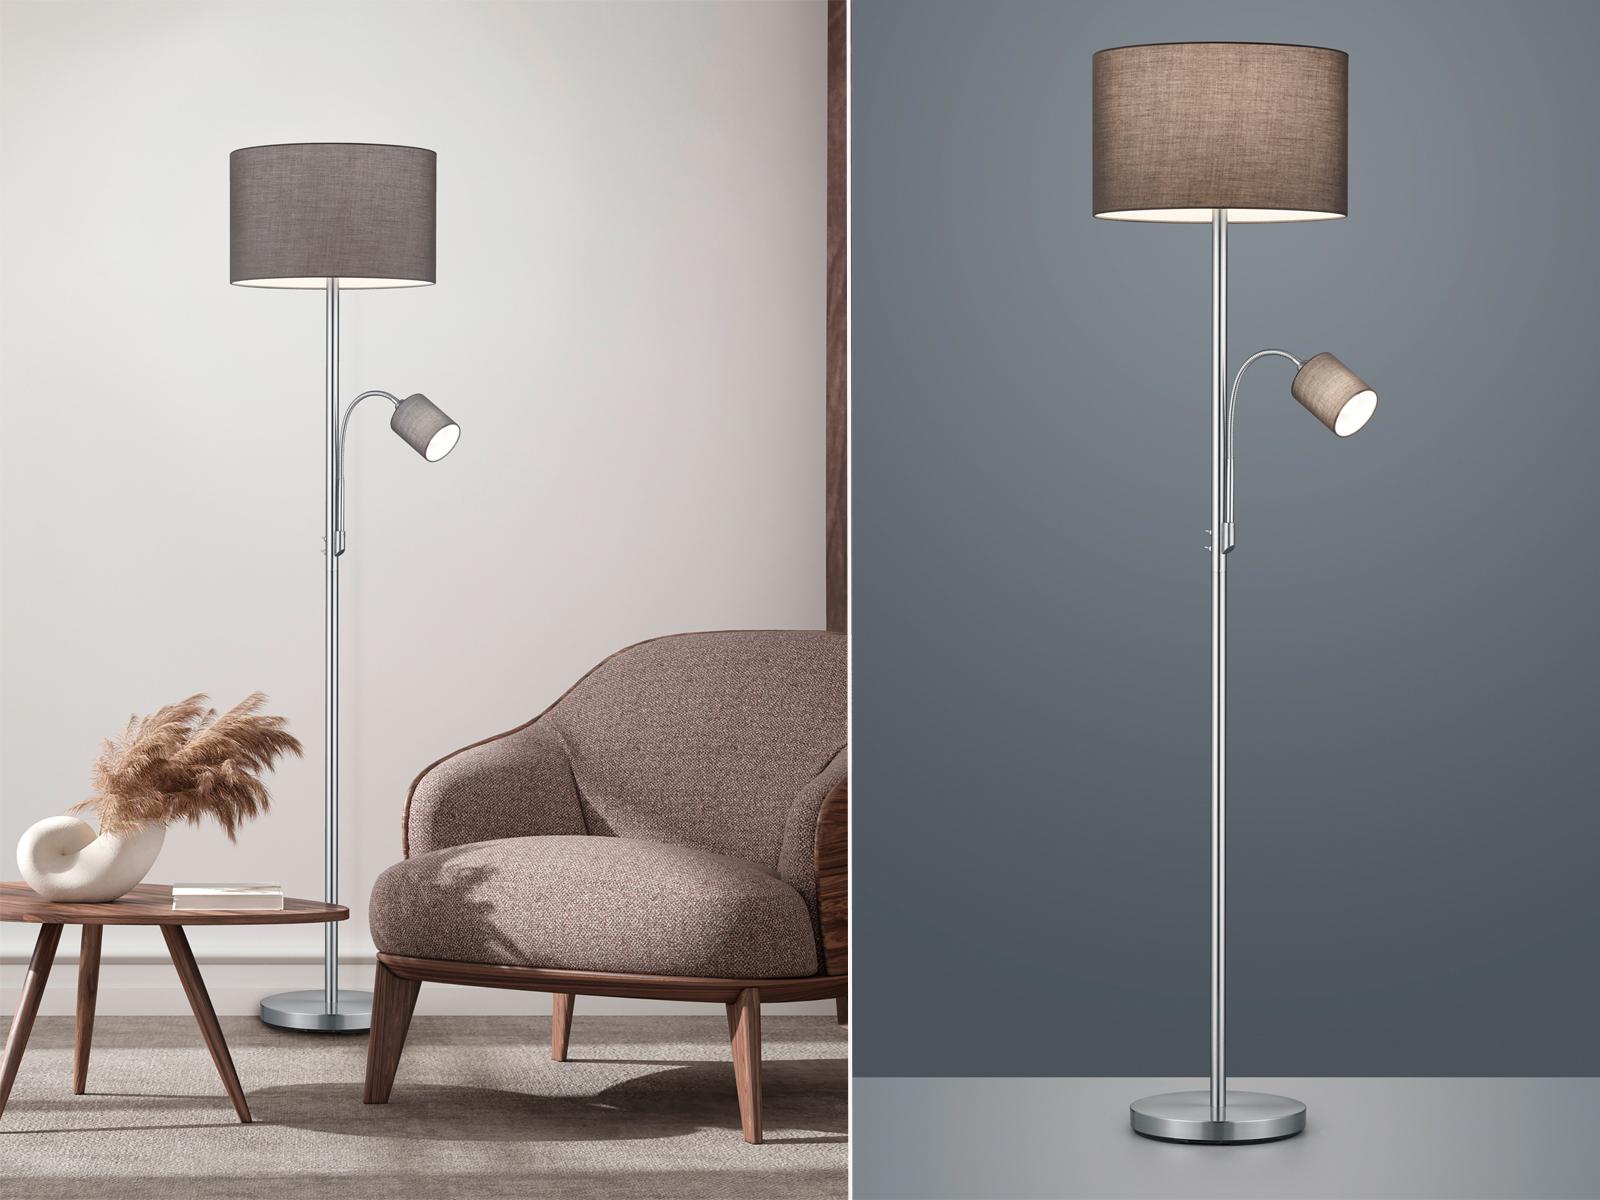 Stehleuchte mit Leselampe Stoffschirm grau für Wohnzimmer Stehlampen zum  Lesen - yatego.com